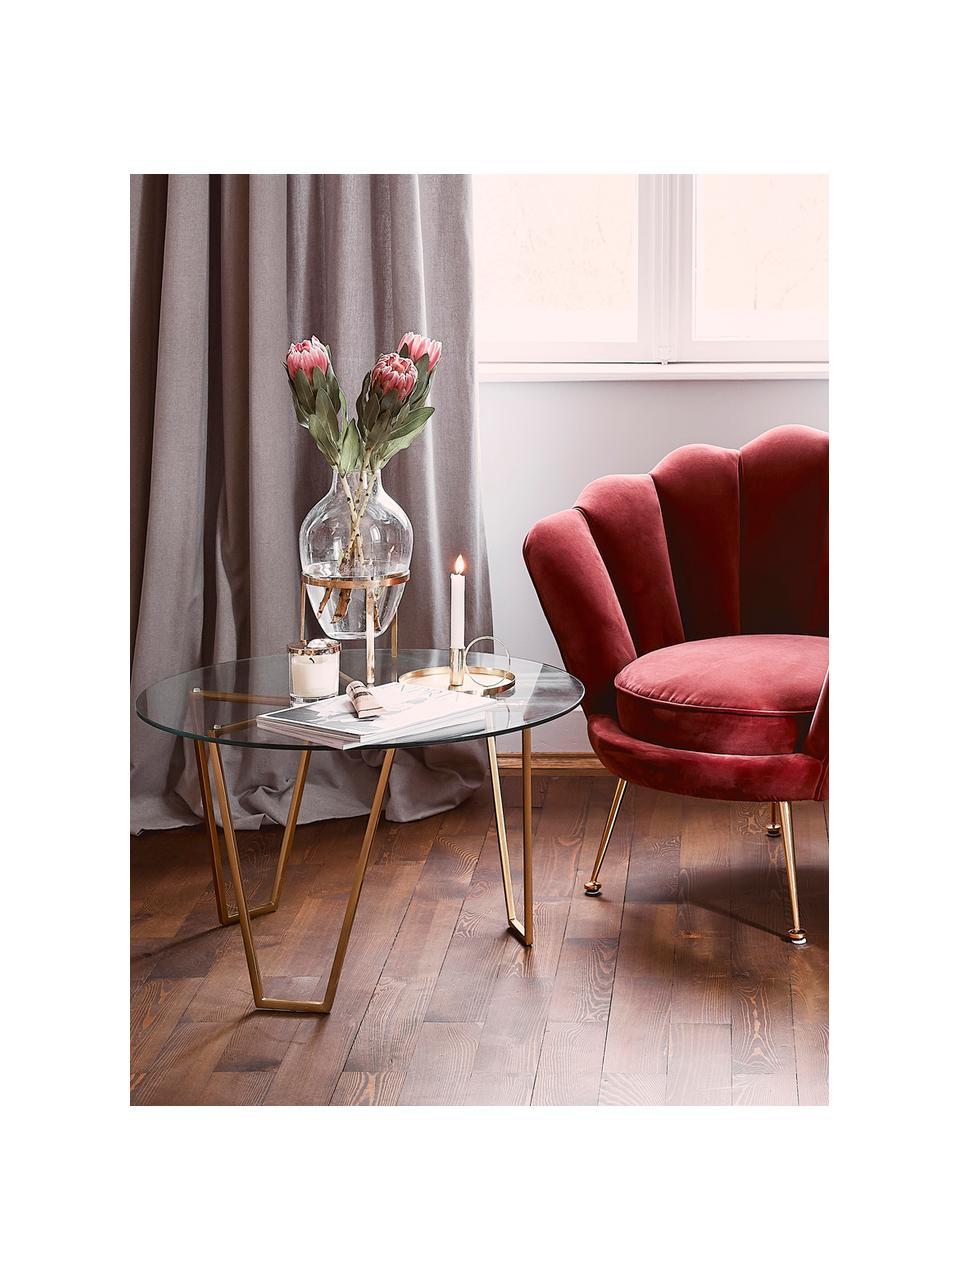 Tavolino da salotto rotondo con piano in vetro Scarlett, Struttura: metallo ottonato, Piano d'appoggio: vetro temperato, Struttura: ottone, piano d'appoggio: trasparente, Ø 71 x Alt. 42 cm